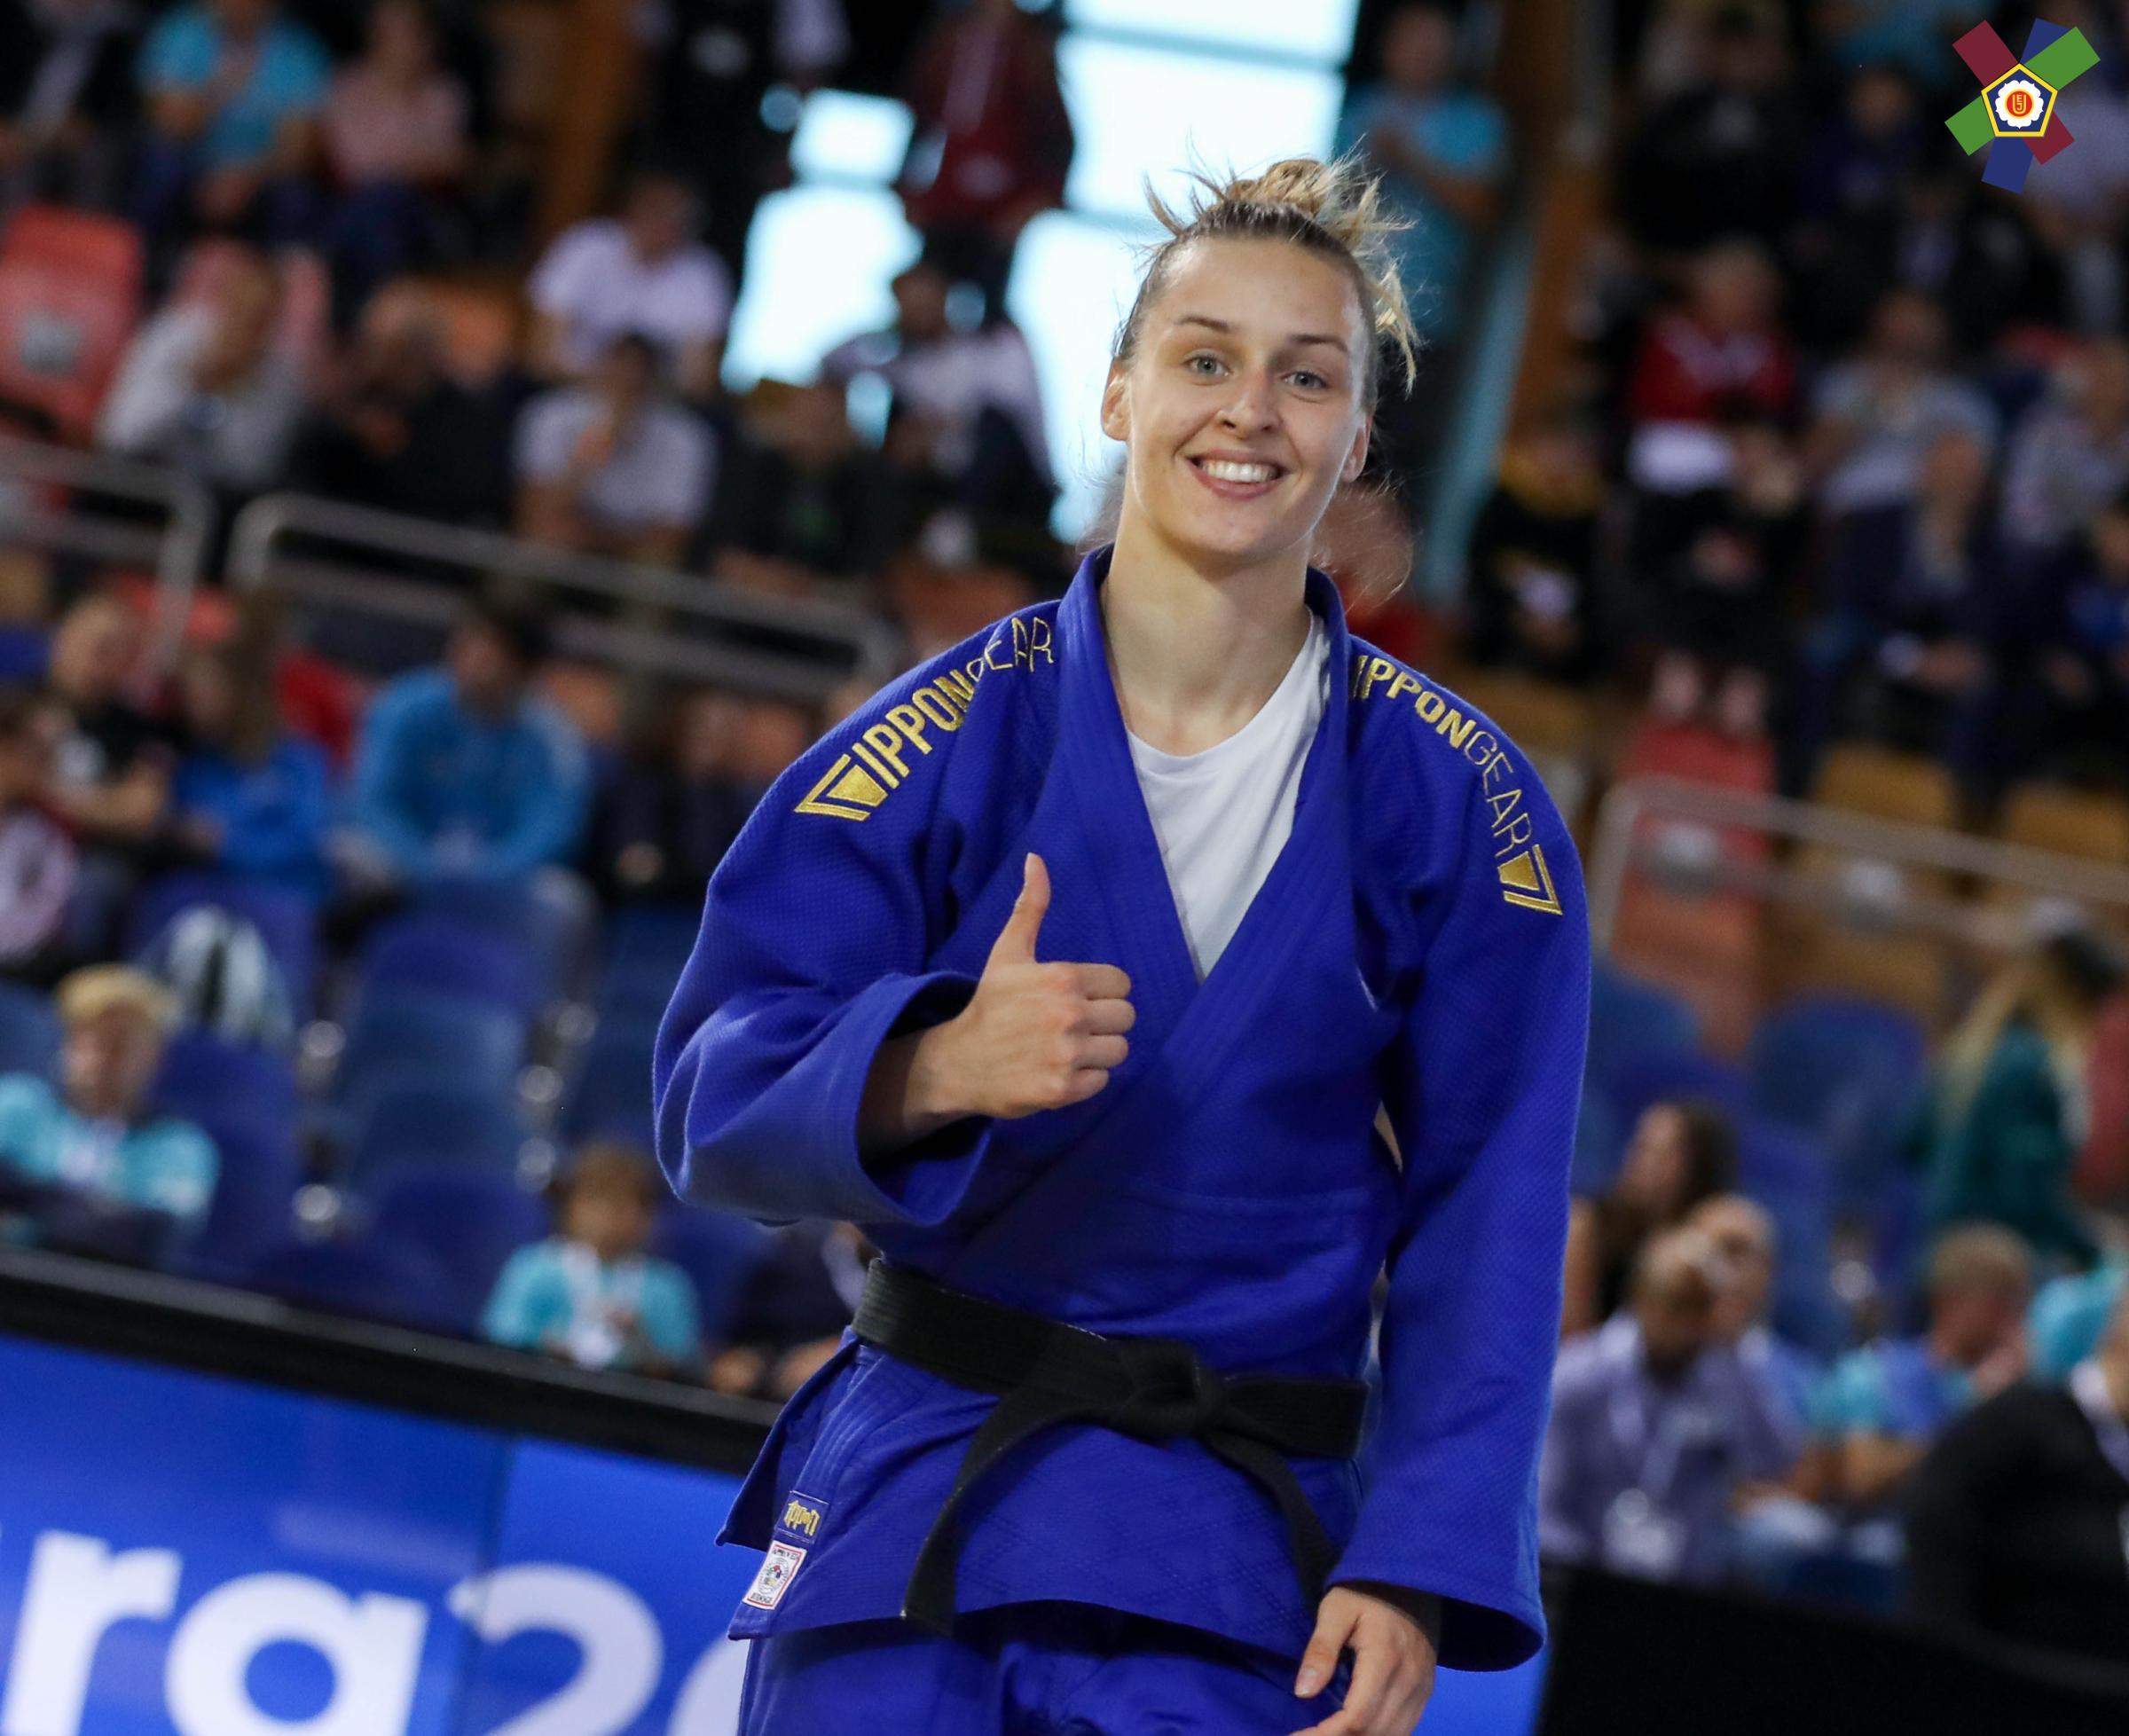 EJU-Senior-European-Open-Luxembourg-2019-Gerscak-2